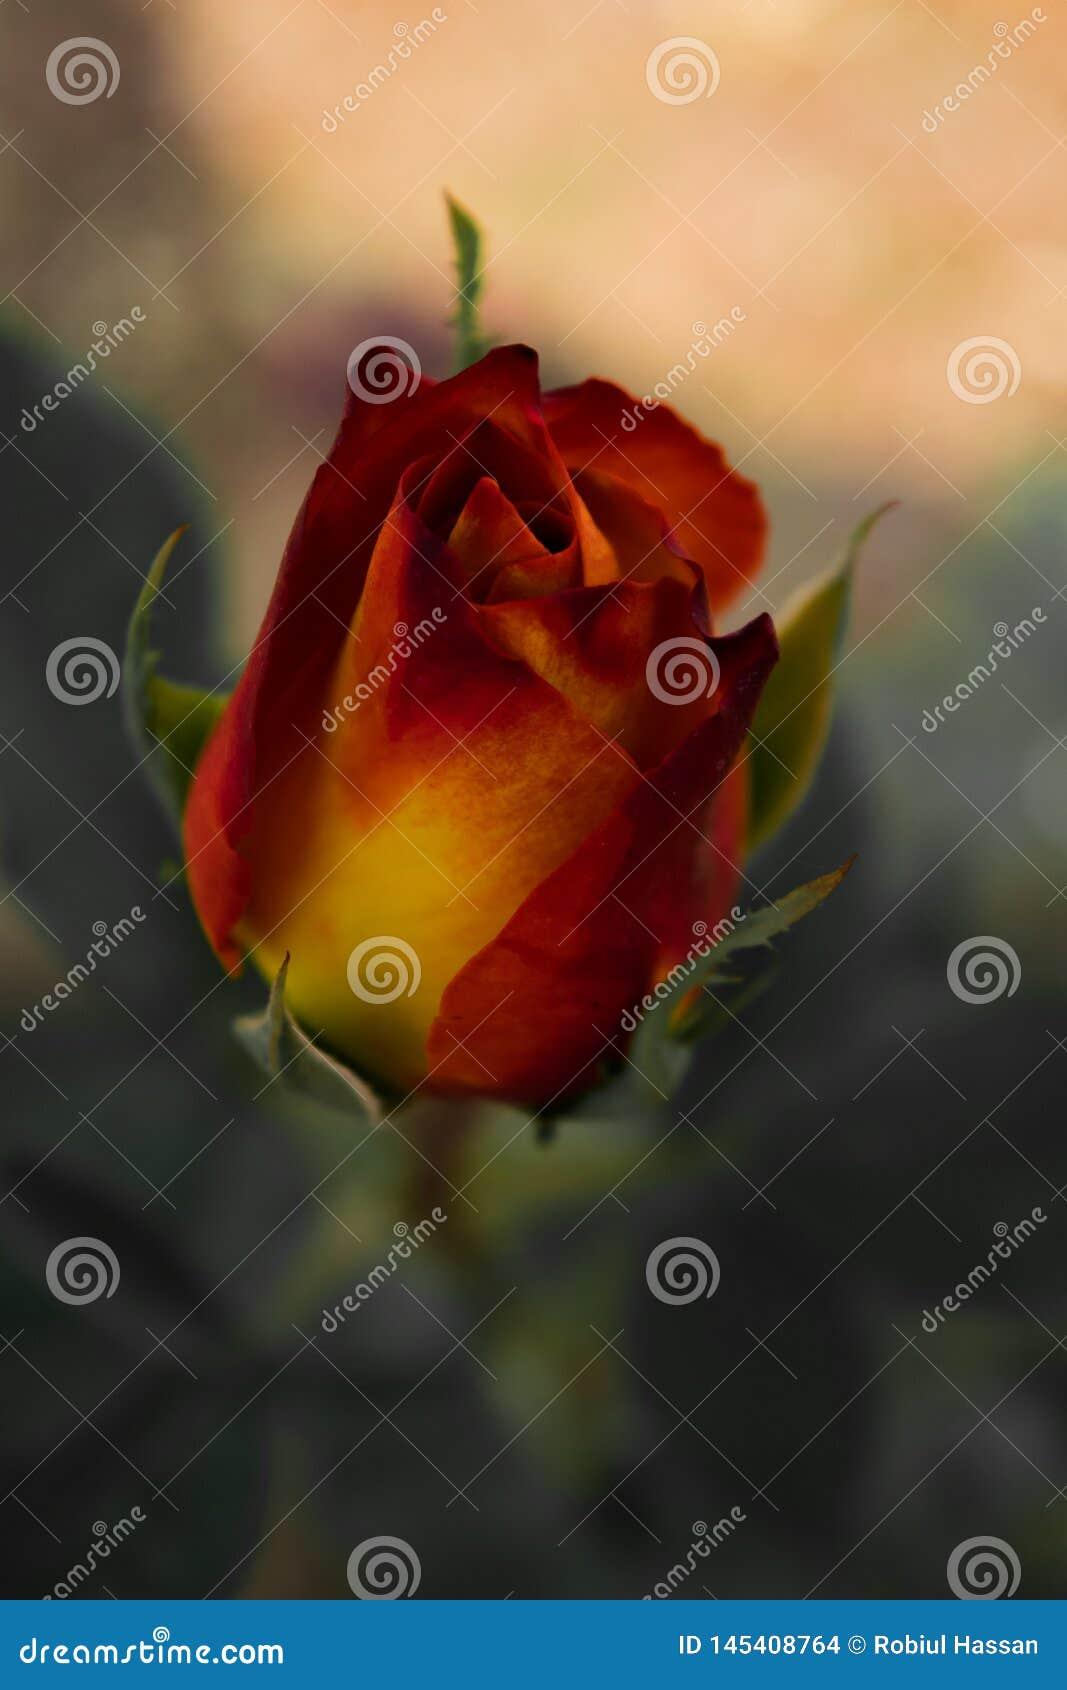 Imagen de la flor, imagen de Rose Flower, imagen de la flor de HD